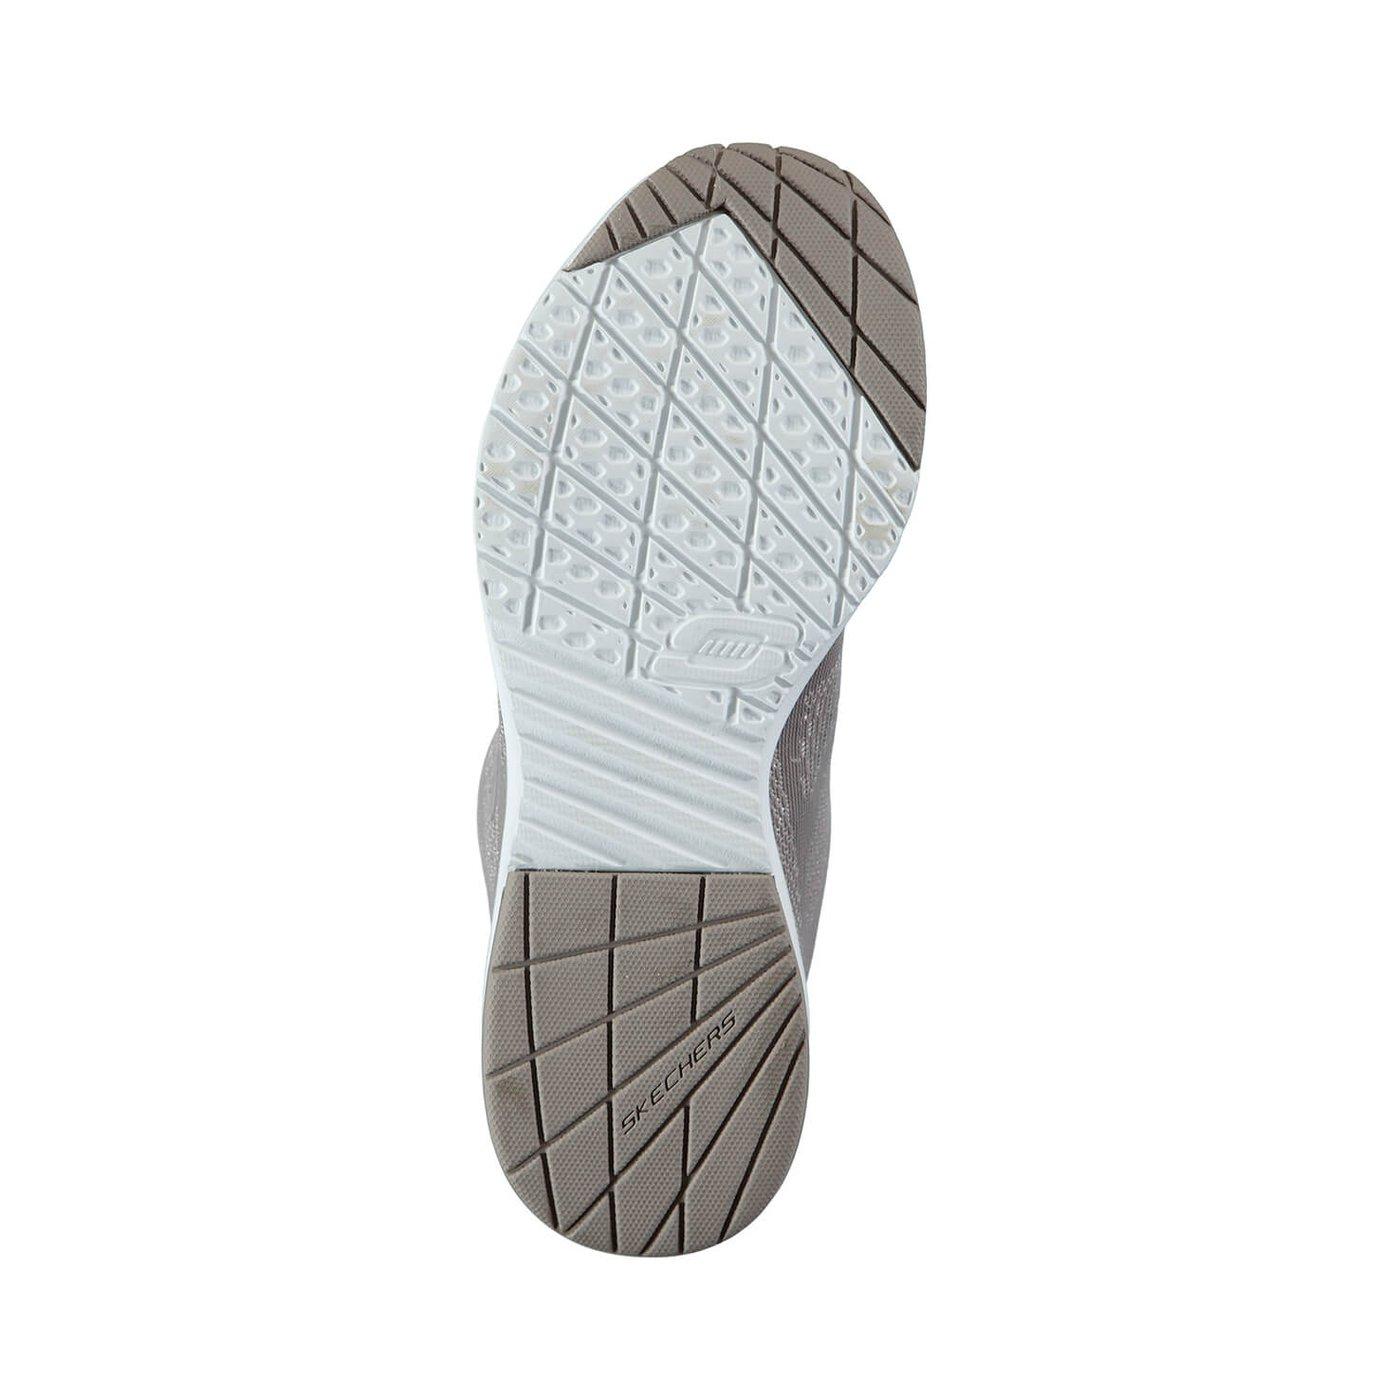 Skechers Skech-Air Infinity Kadın Bej Spor Ayakkabı